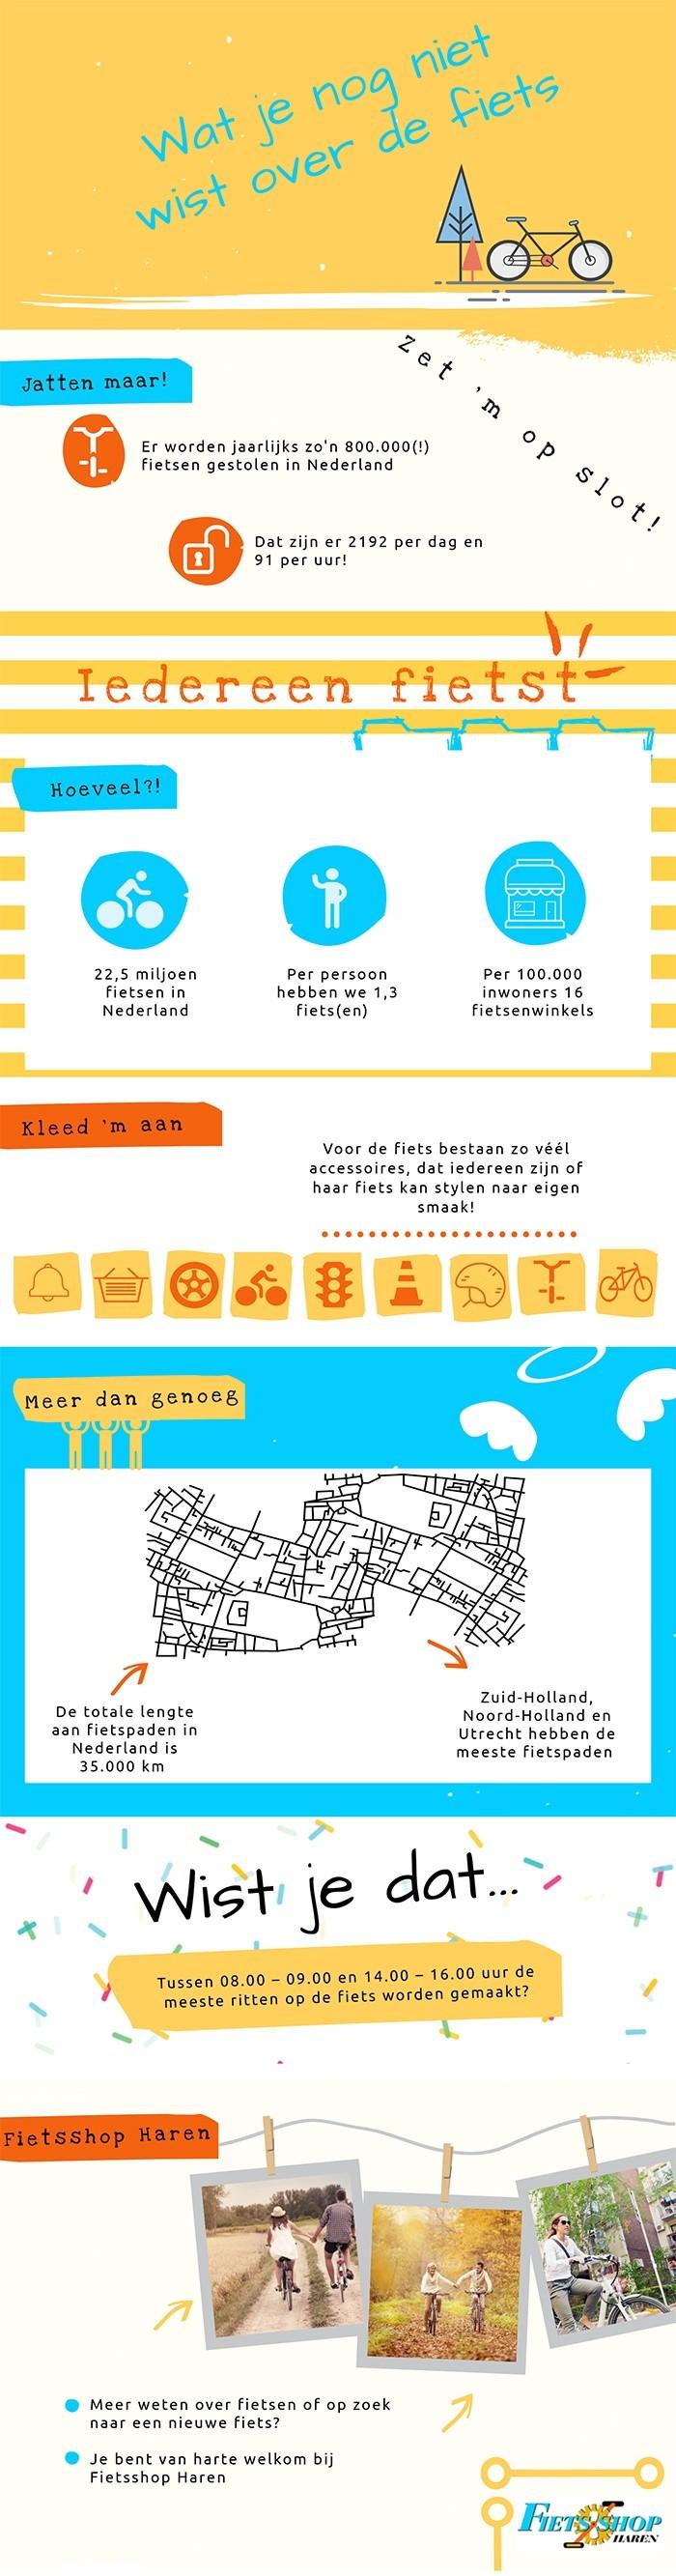 3807425080-fietsshop-haren-infographic.jpg